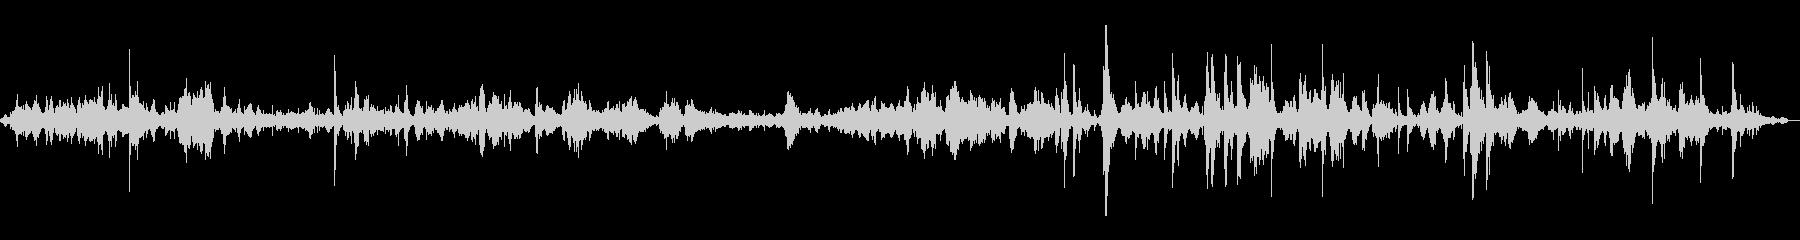 HUM OF VOICES、アメリ...の未再生の波形